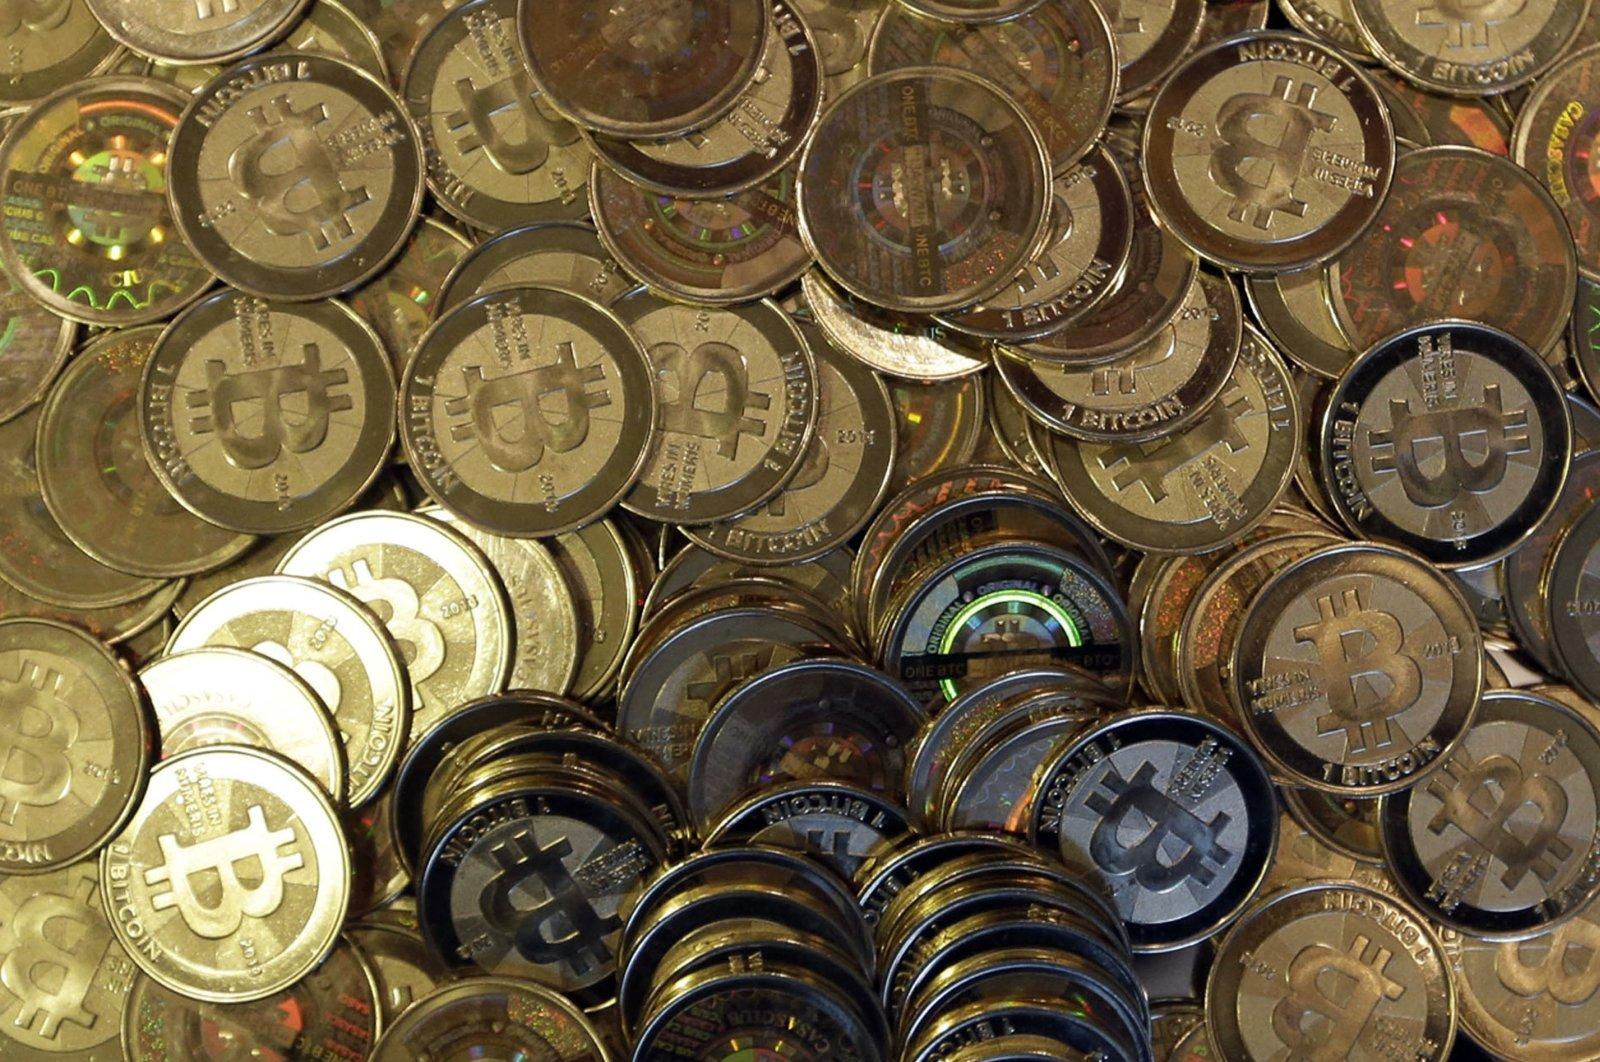 Bitcoin tokens are seen in Sandy, Utah, U.S., April 3, 2013. (AP Photo)